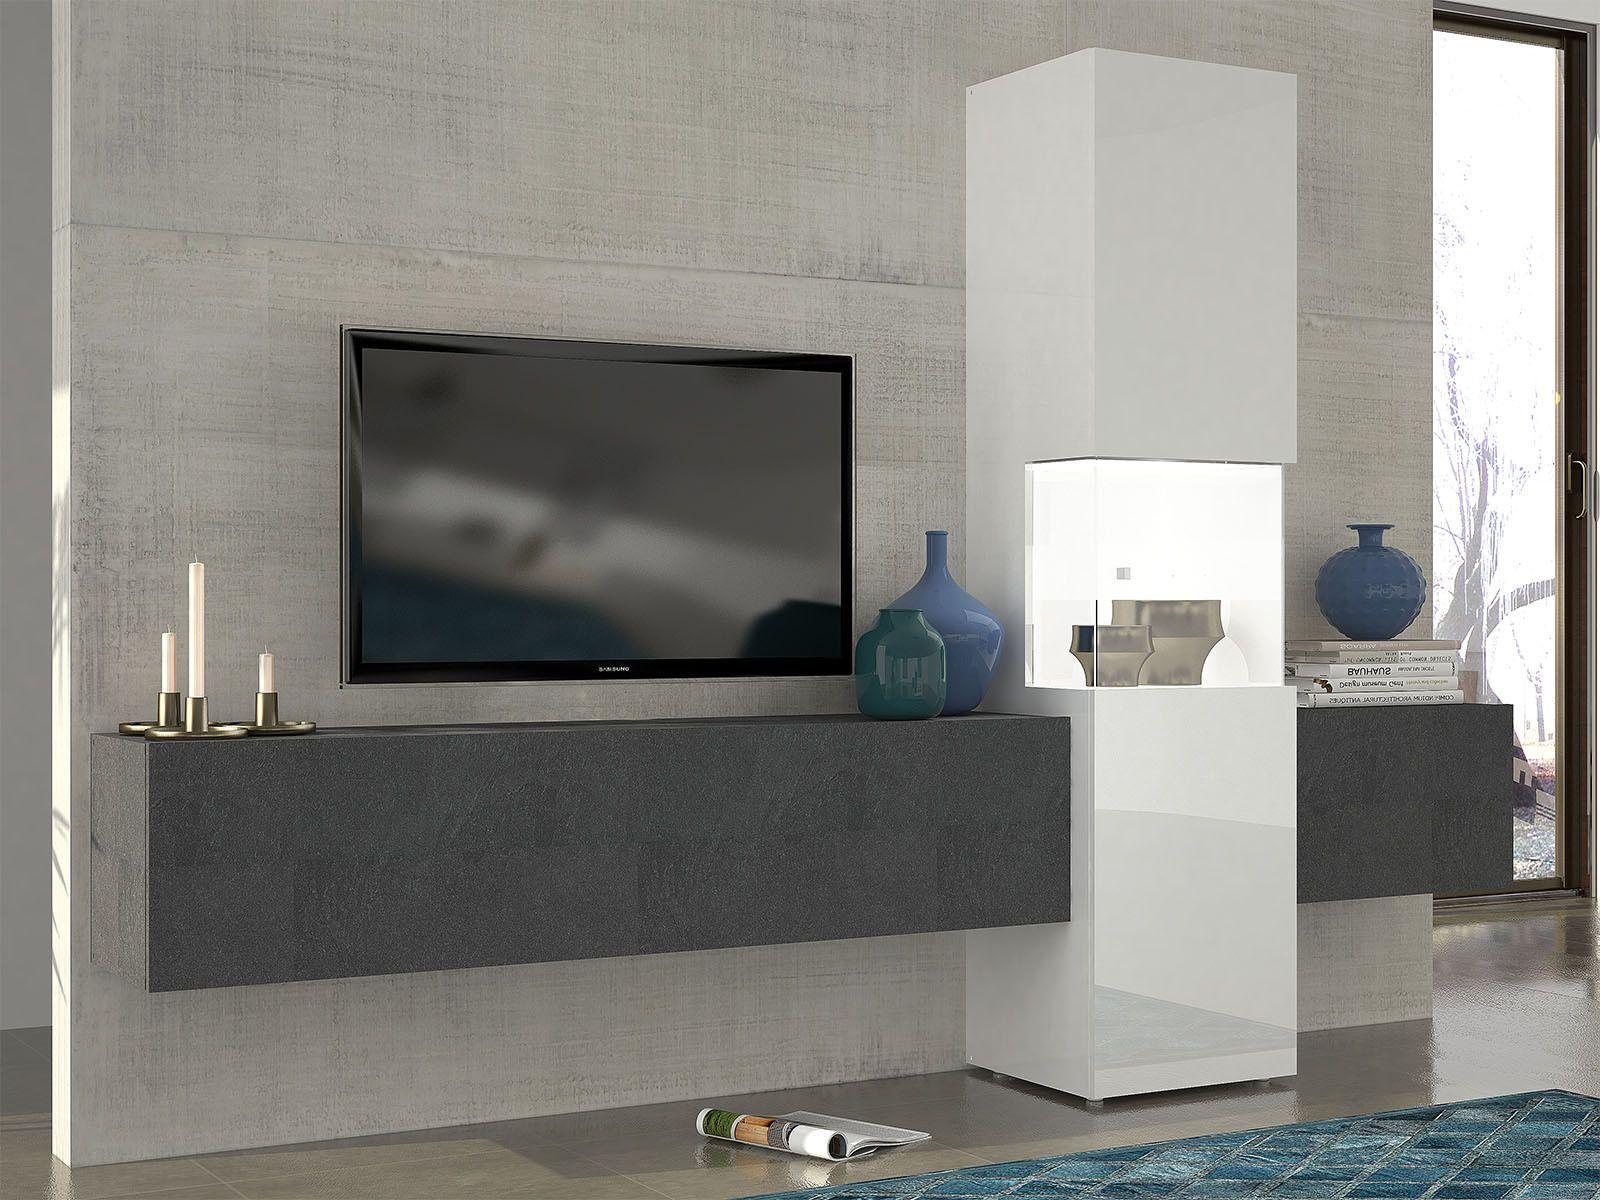 Ebay Angebot Wohnwand Mediawand Wohnzimmerschrank Fernsehschrank